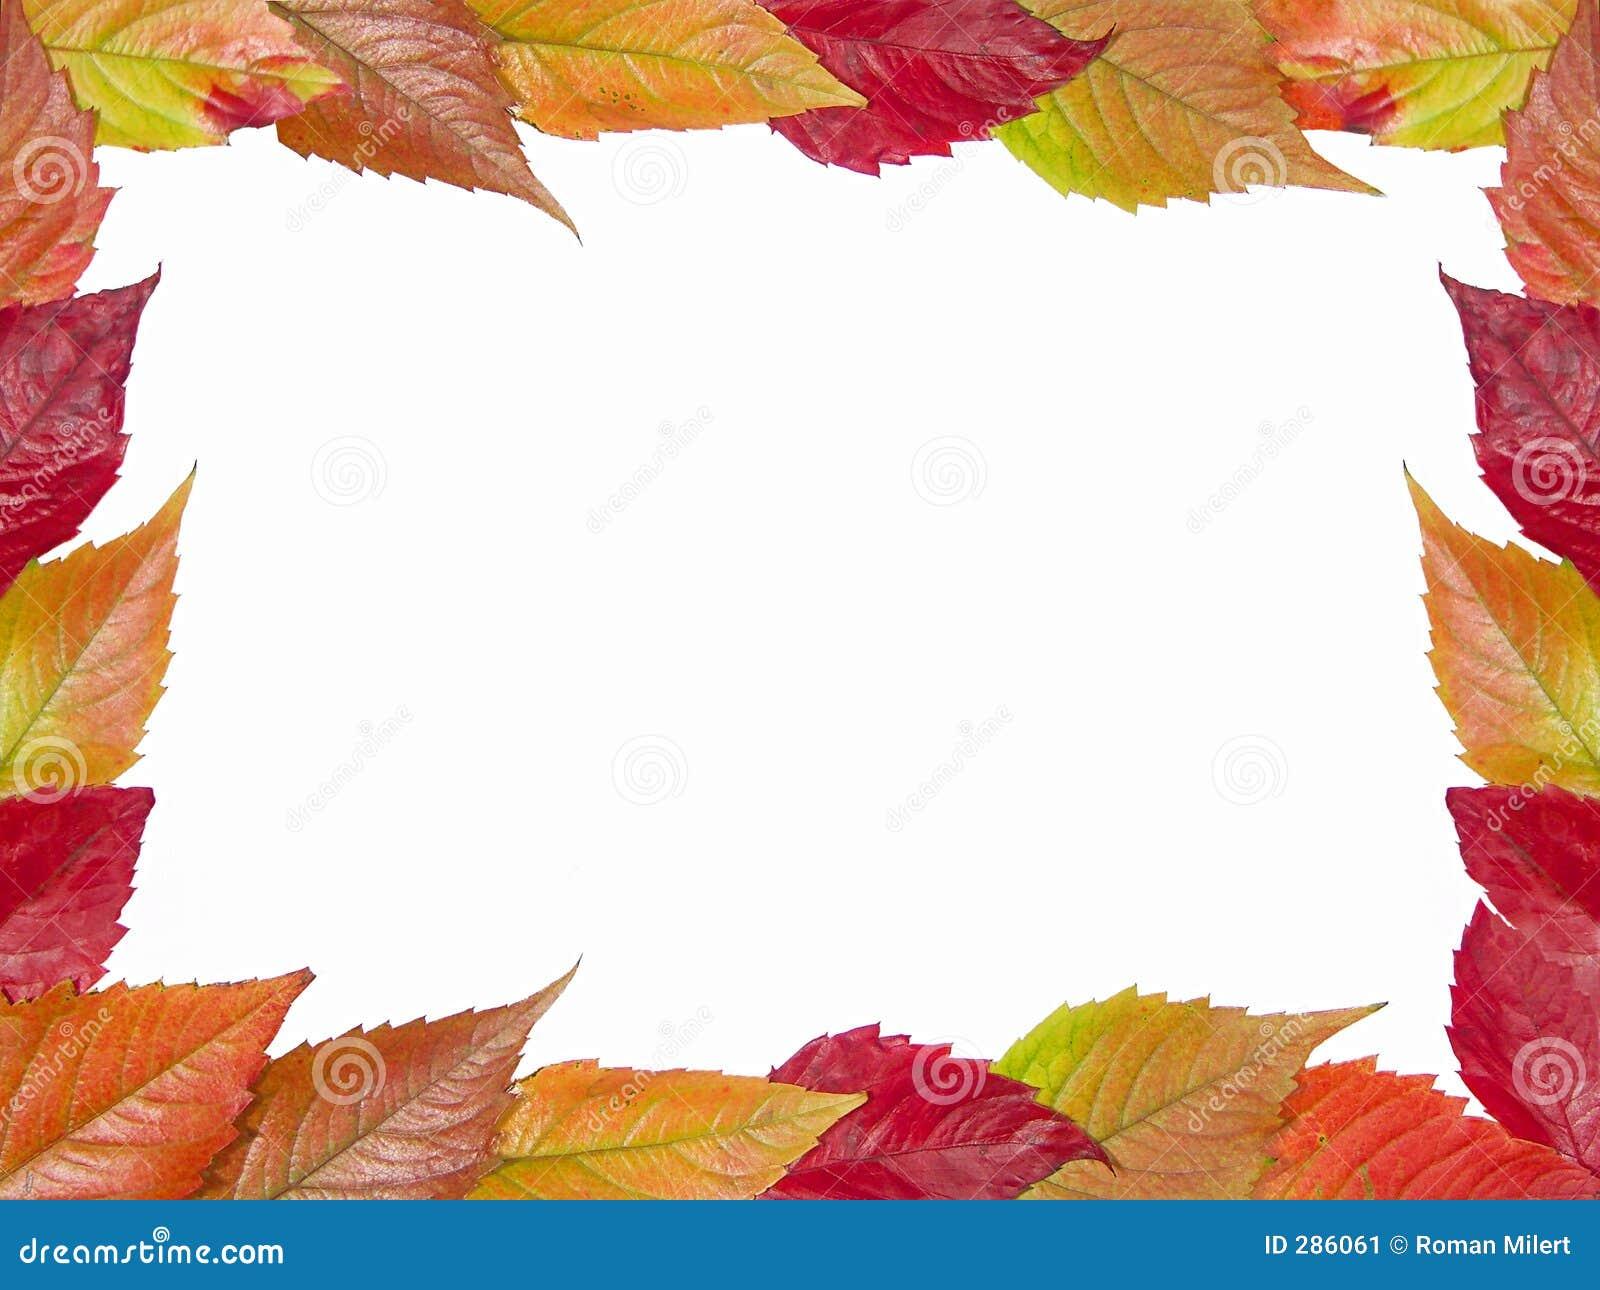 Het Kader Van De Herfst Stock Afbeelding - Afbeelding: 286061: nl.dreamstime.com/stock-afbeelding-het-kader-van-de-herfst-image286061